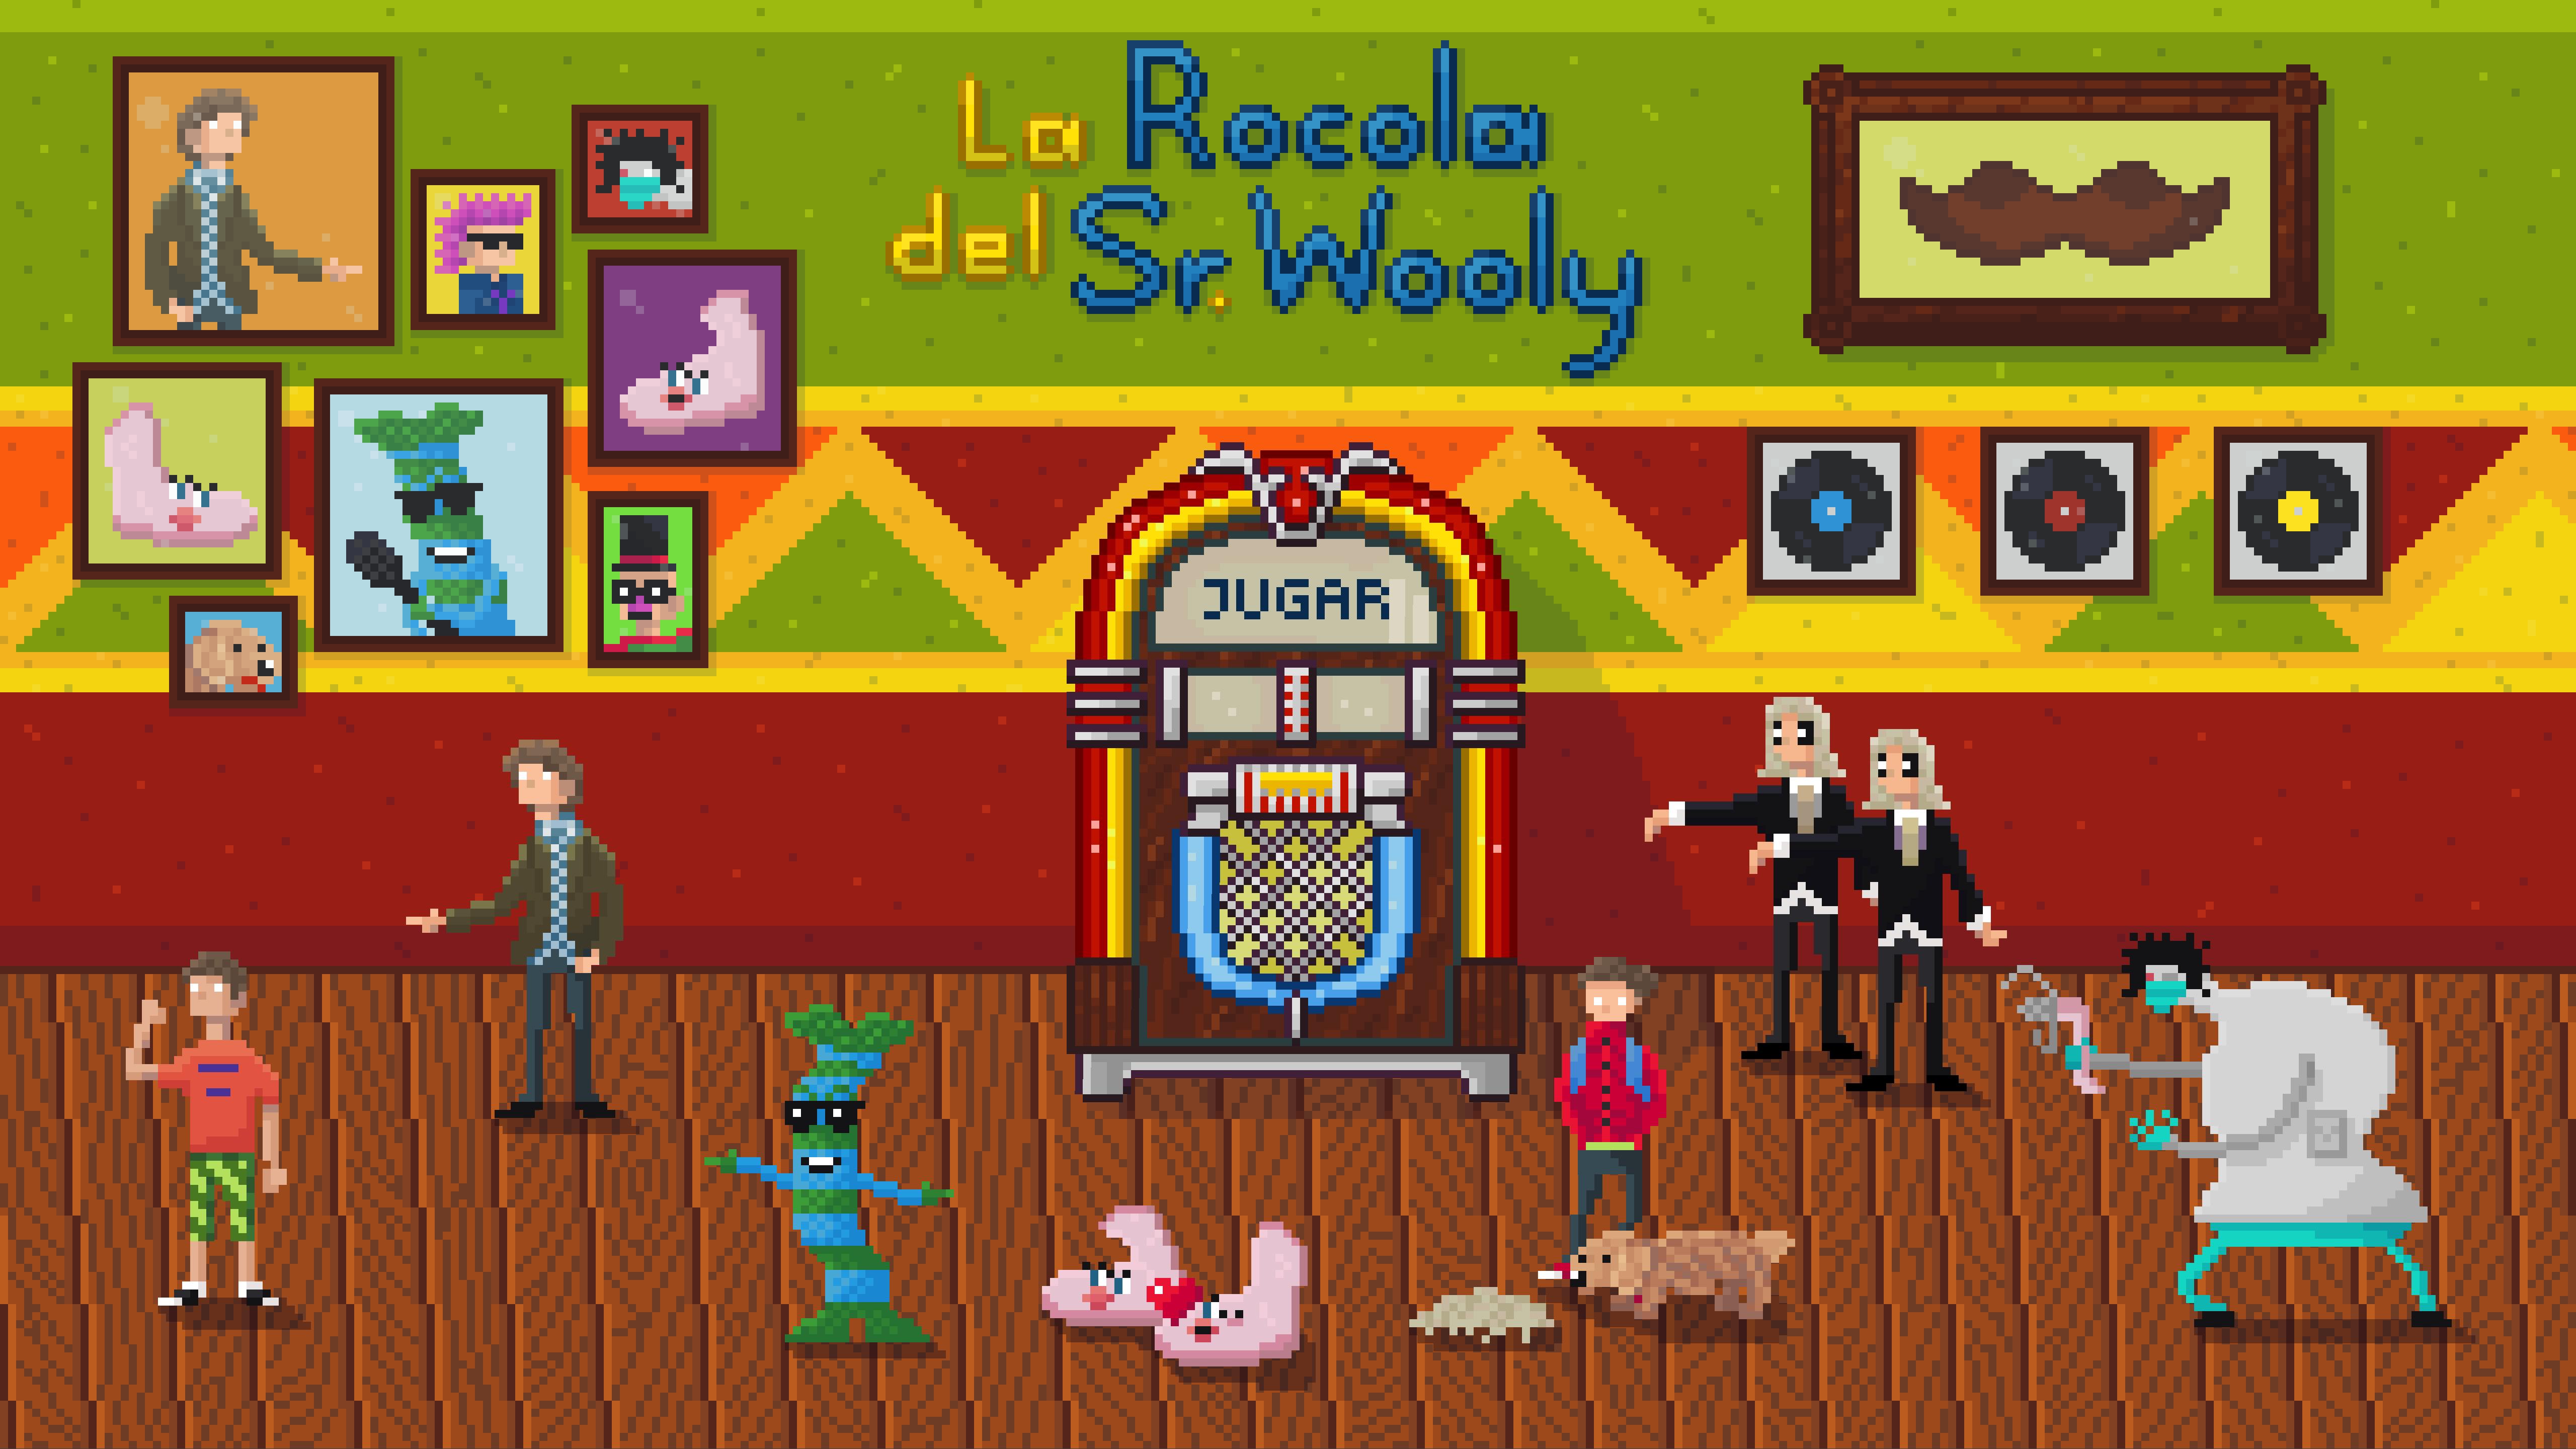 La Rocola del Sr. Wooly